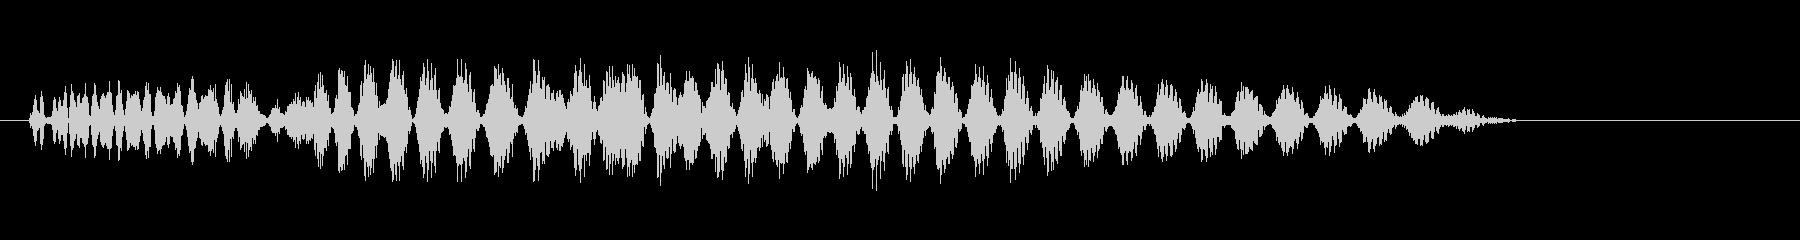 ピロロロ(失敗、落ちる音)の未再生の波形